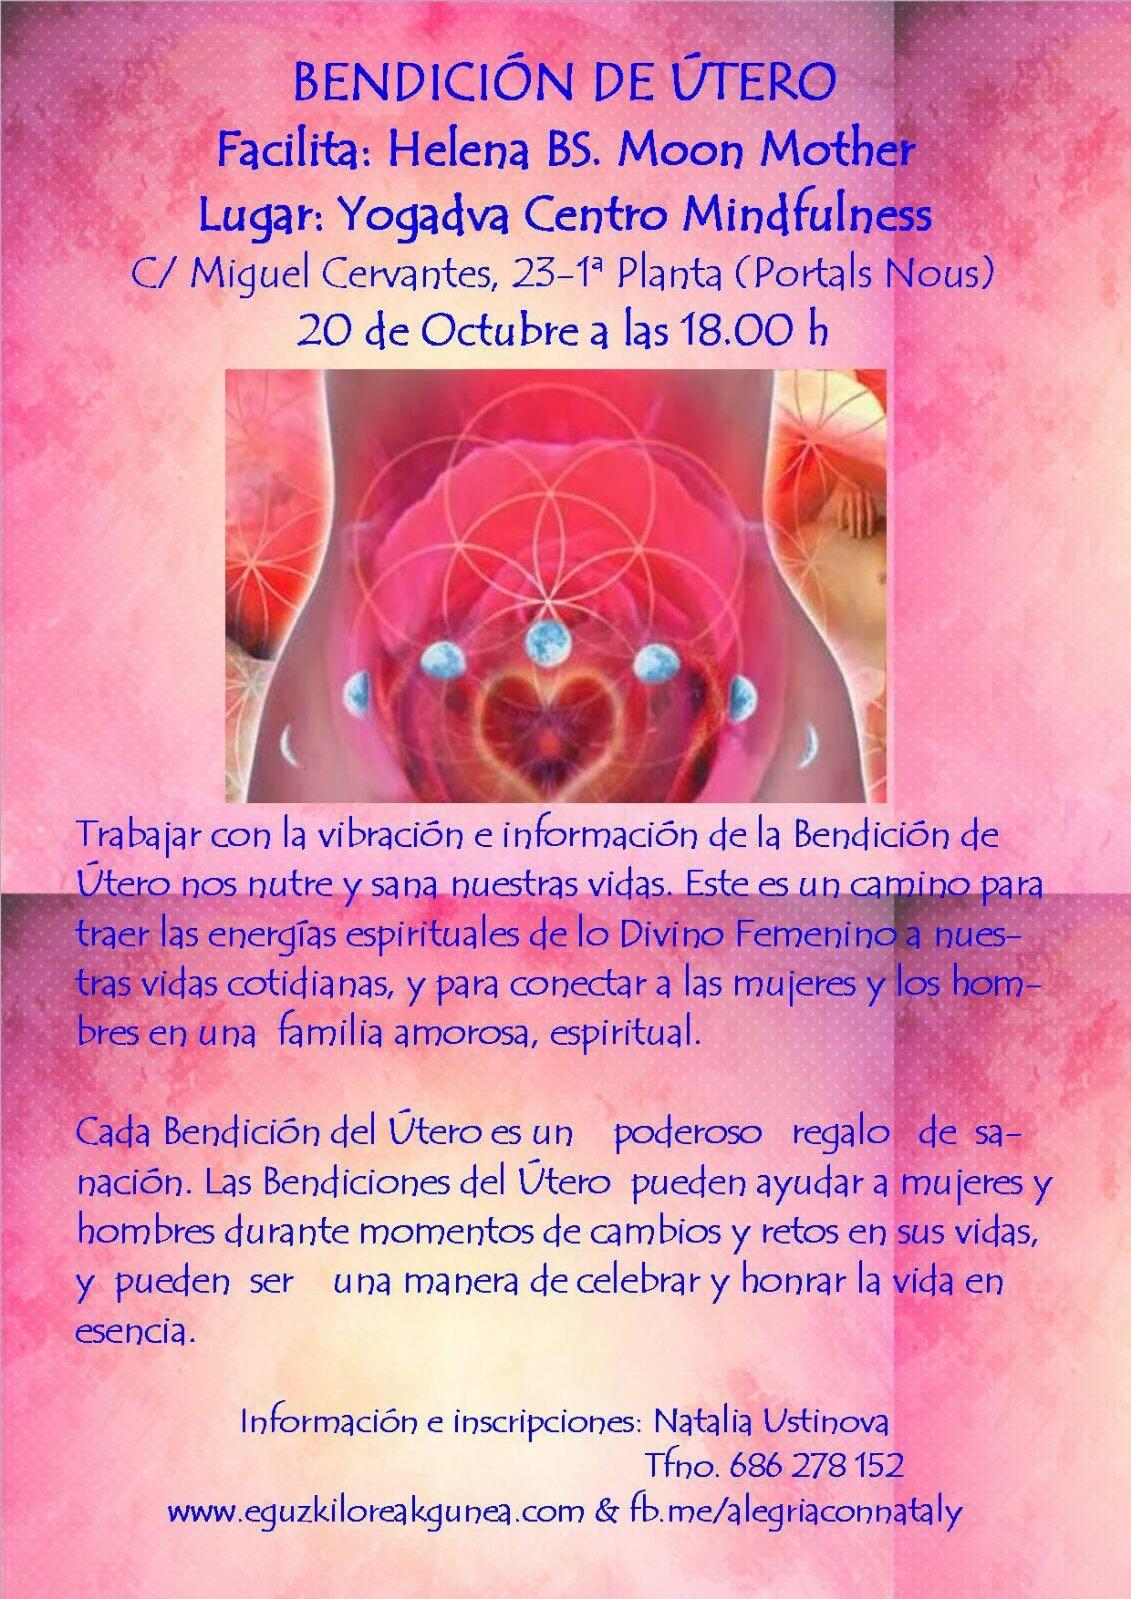 BENDICIÓN DE ÚTERO 20 DE OCTUBRE EN PALMA DE MALLORCA